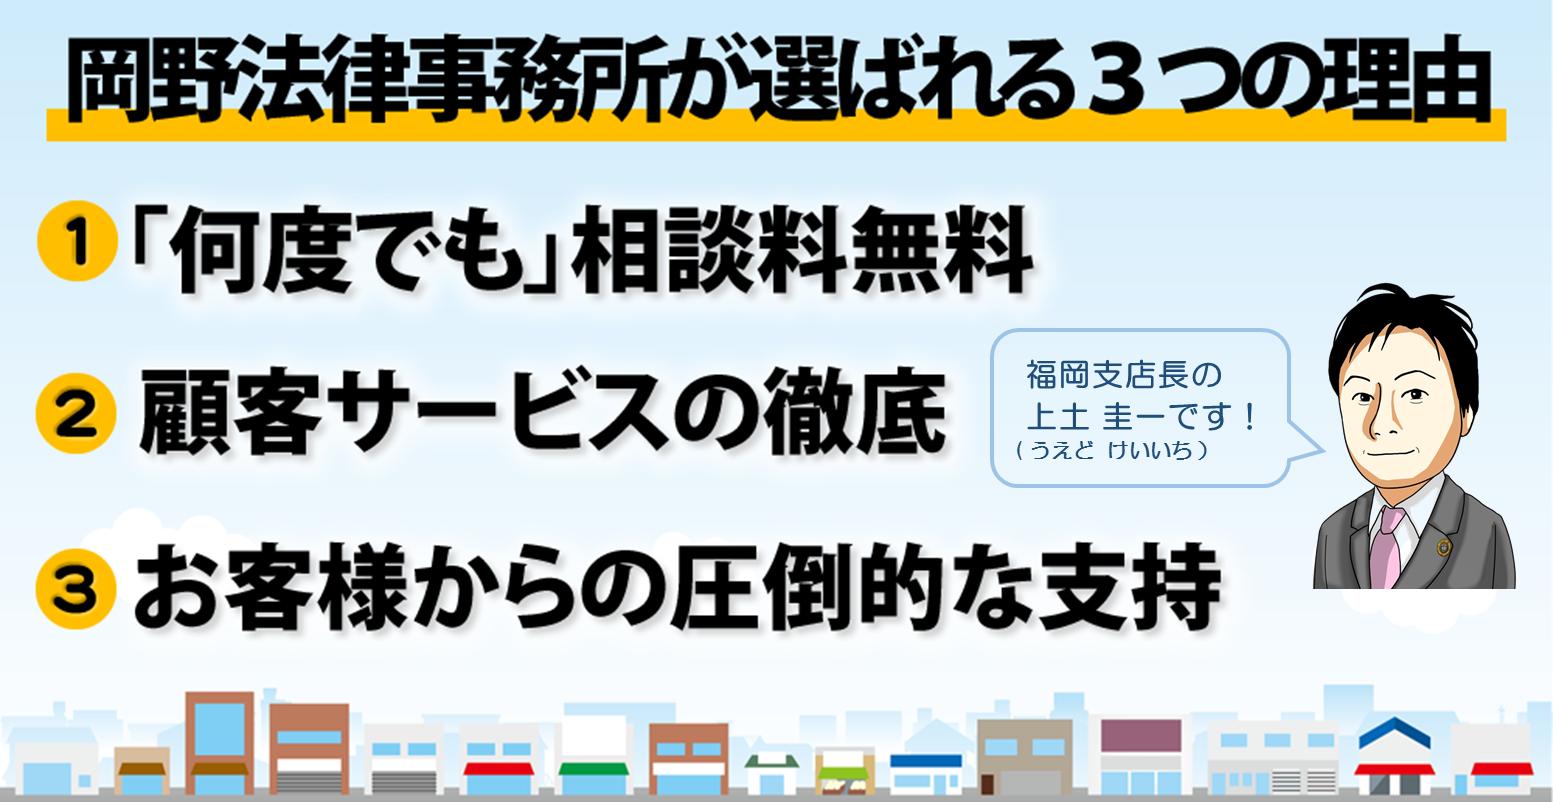 福岡支店キャッチ③